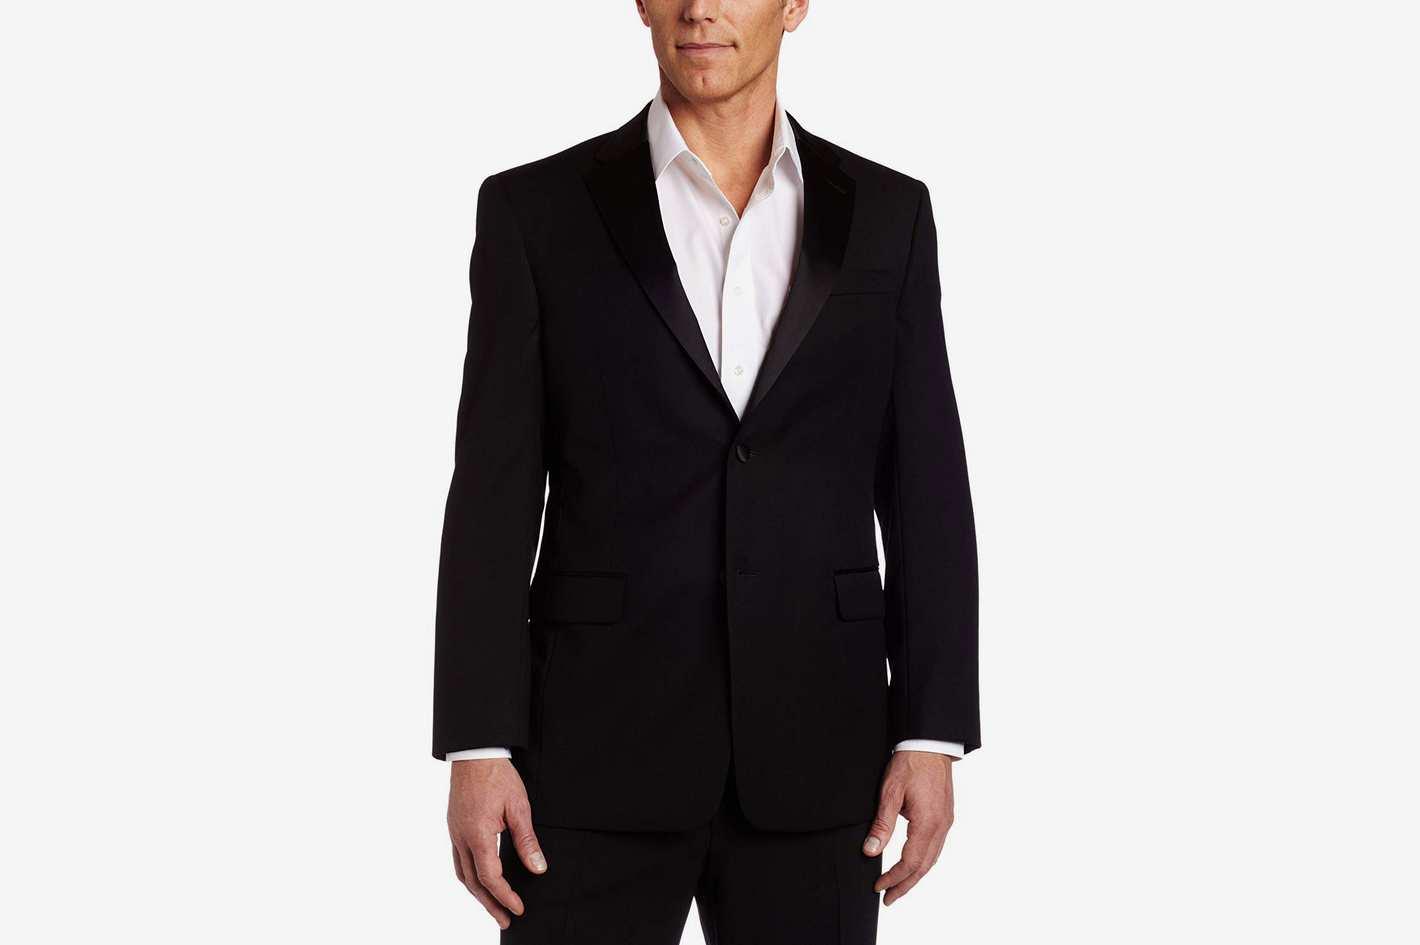 Tommy Hilfiger Men's Side Vent Trim Fit Tuxedo Coat